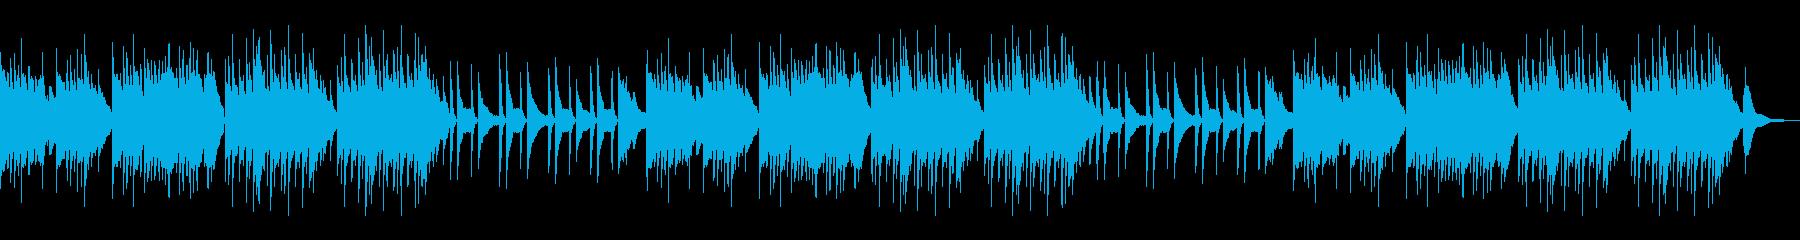 日本情緒を感じさせるゆったりピアノBGMの再生済みの波形